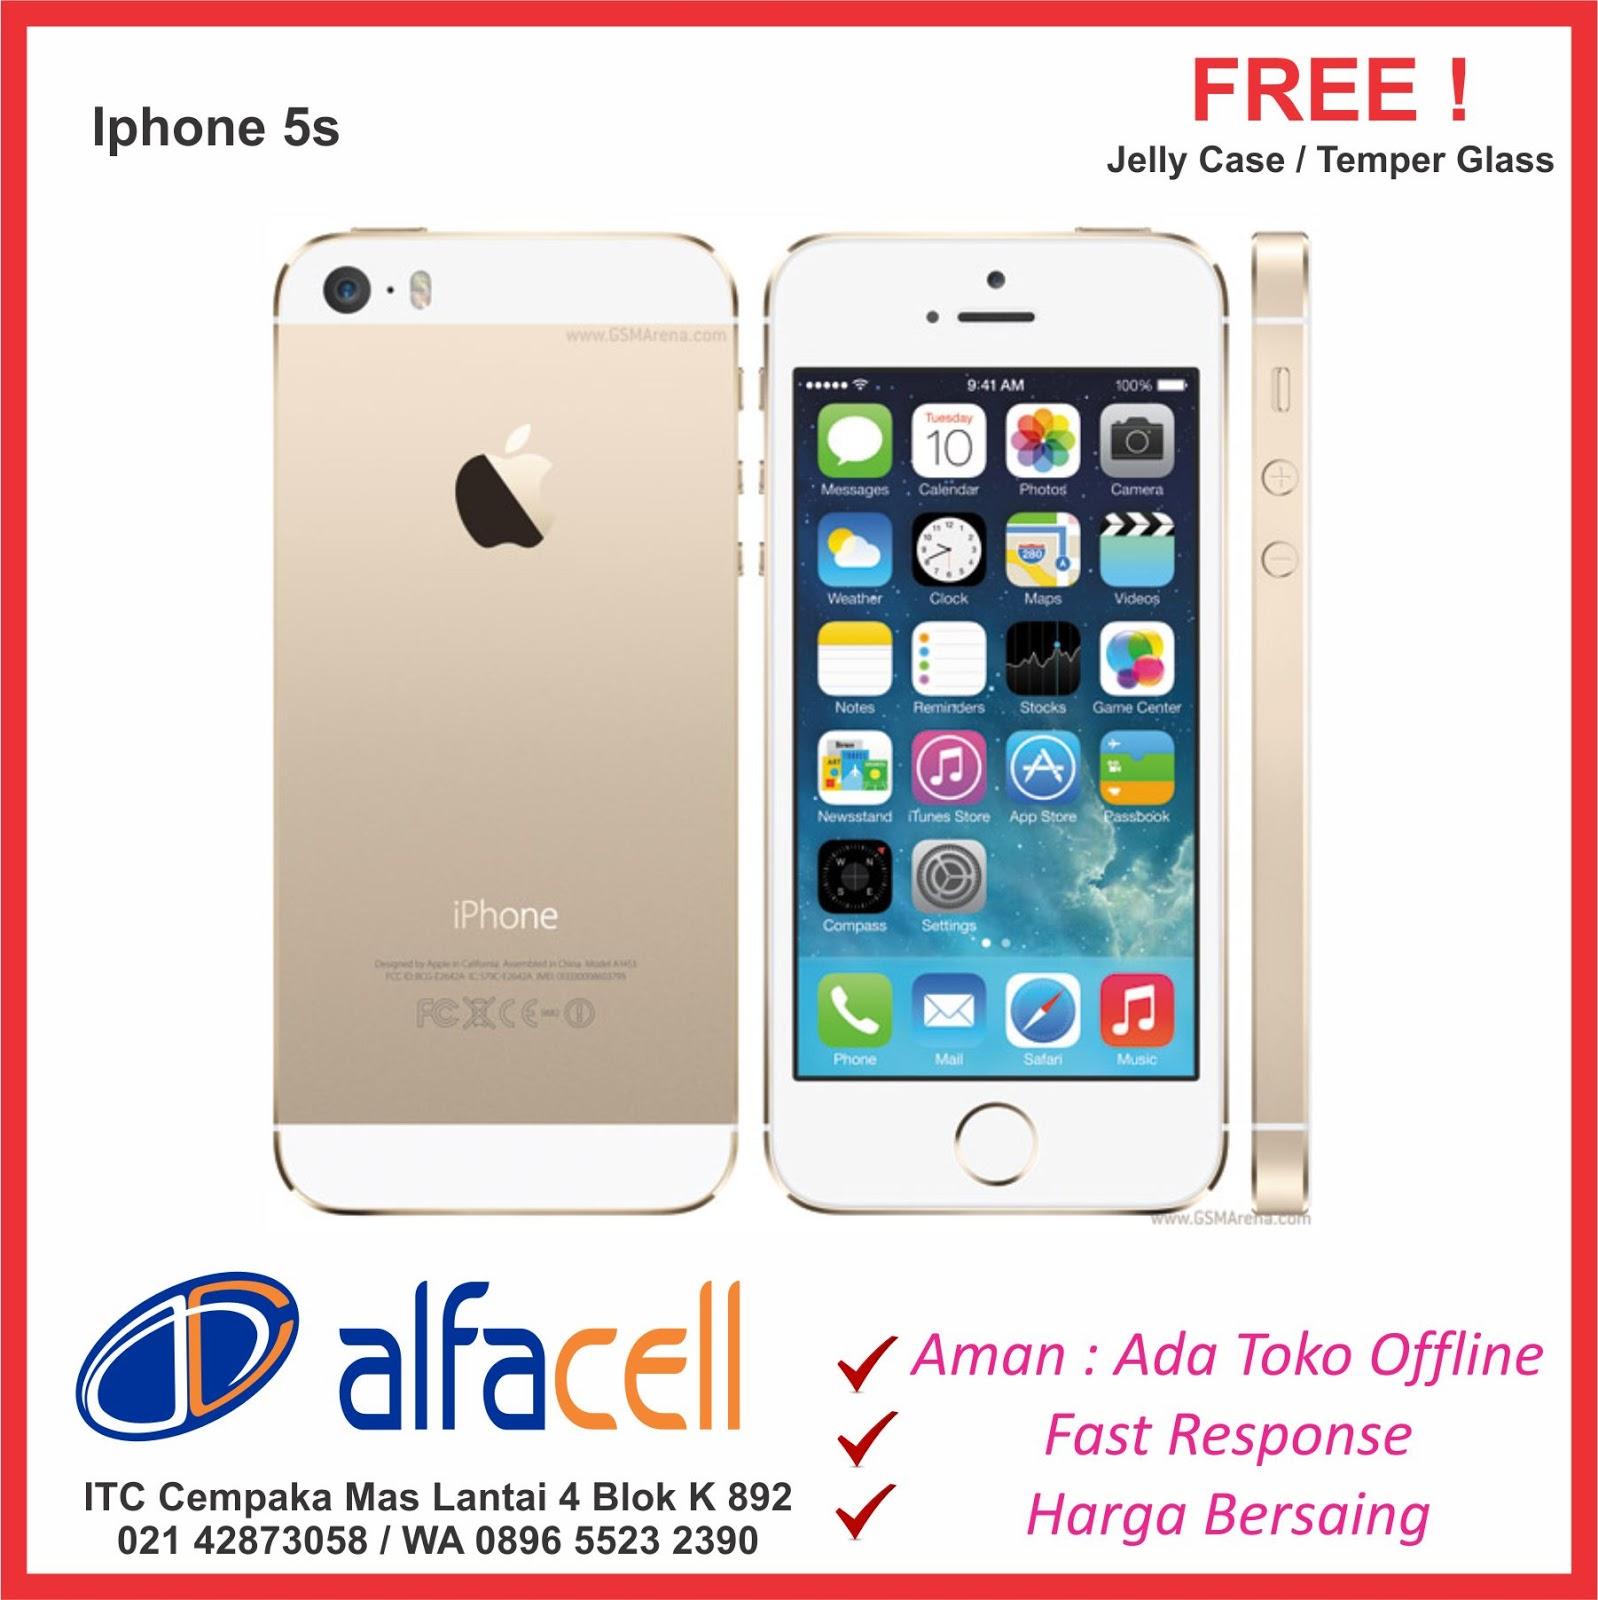 Iphone 5s murah ITC Cempaka Mas Jakarta.Bisa Kredit tanpa kartu Kredit    Cash. 80362e4c65